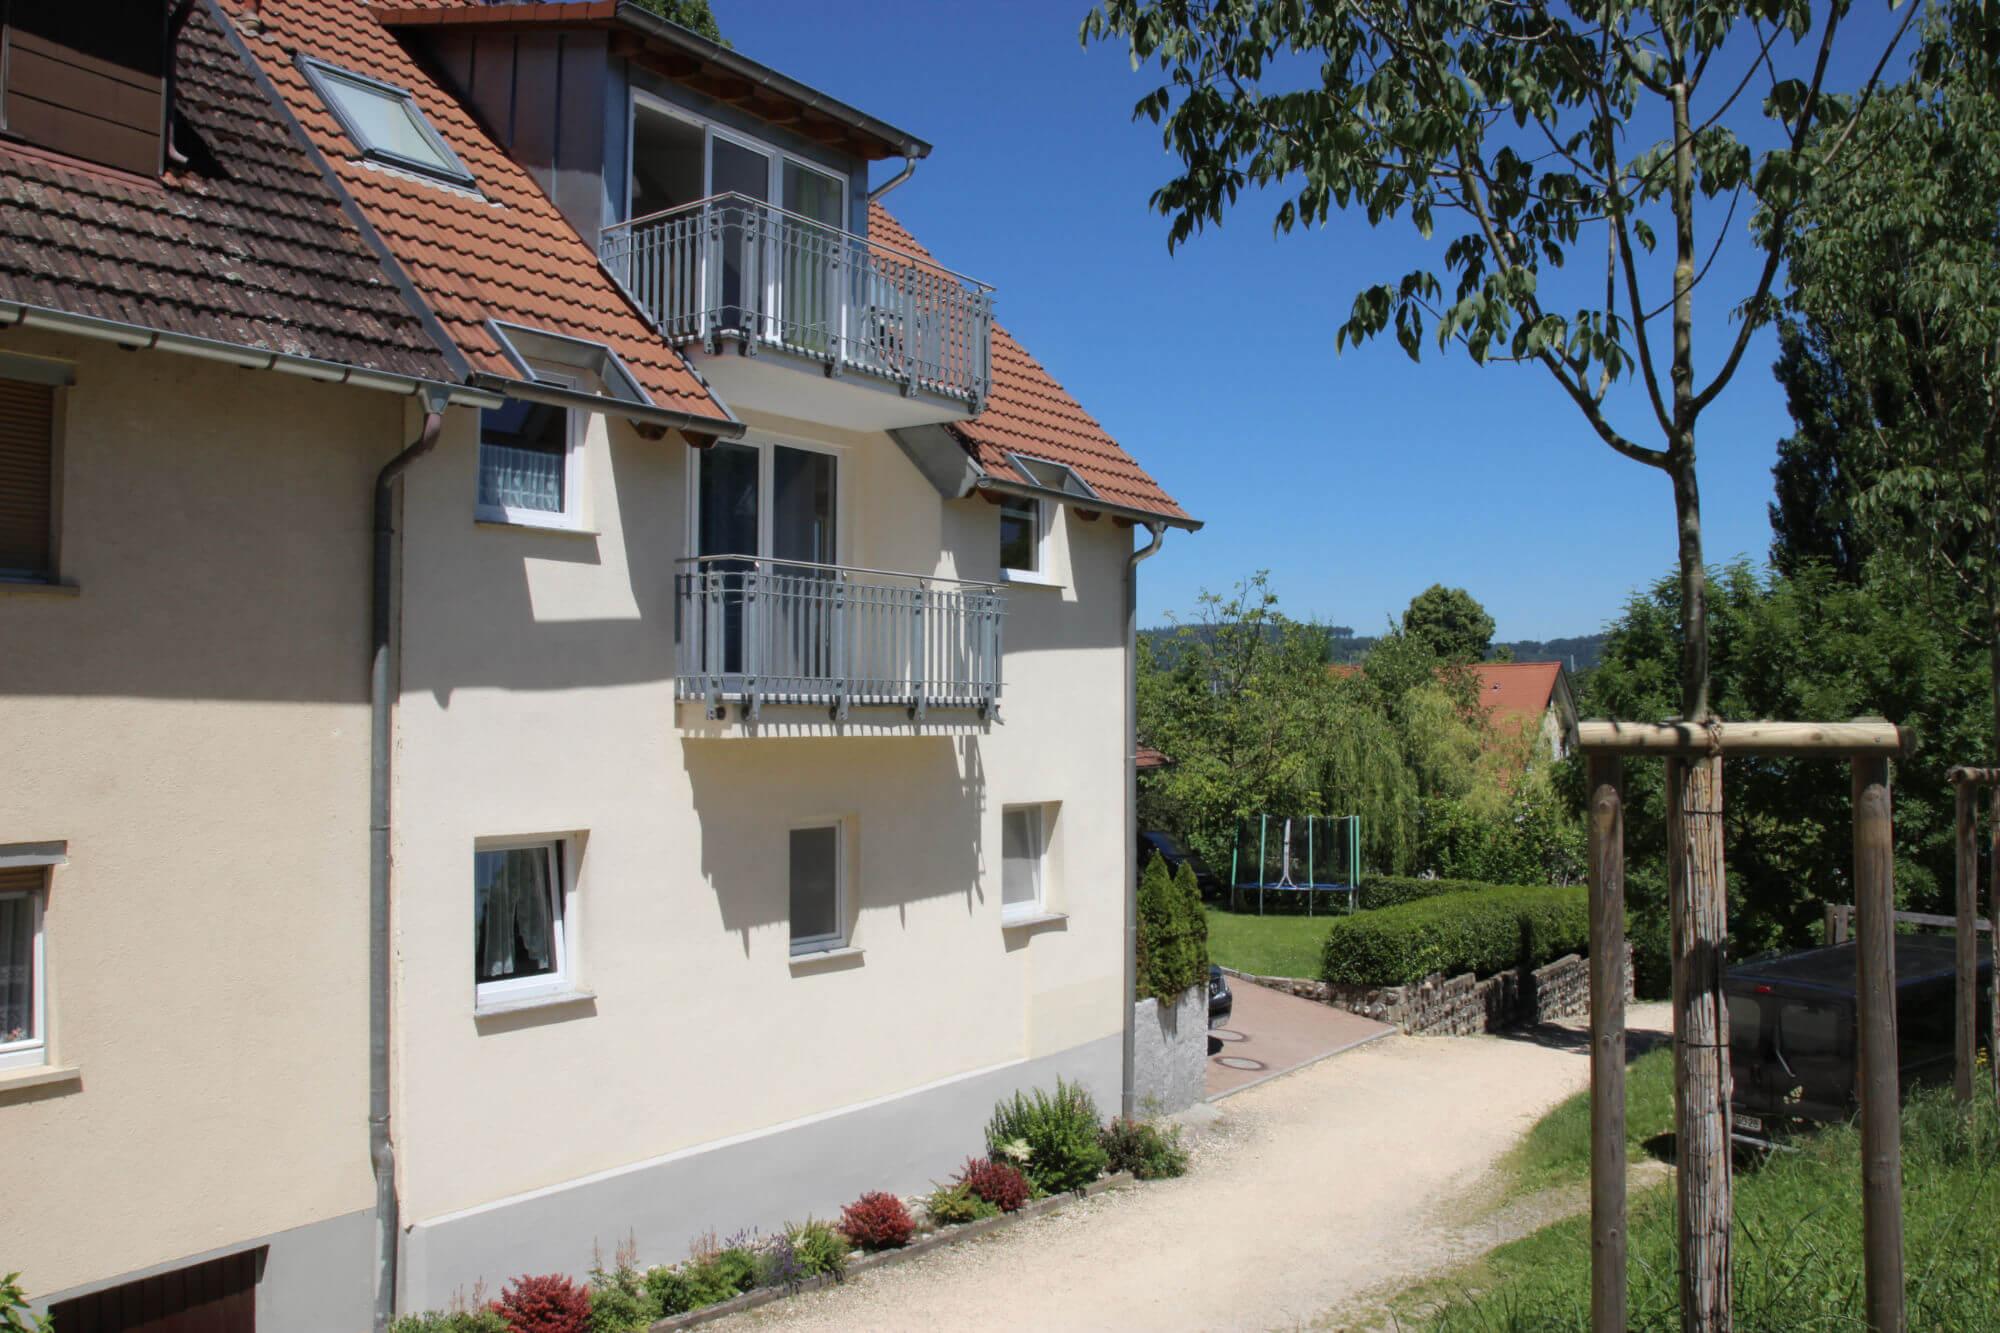 Ferienwohnung Ledergerber, (Bodman-Ludwigshafen).  Ferienwohnung am Bodensee